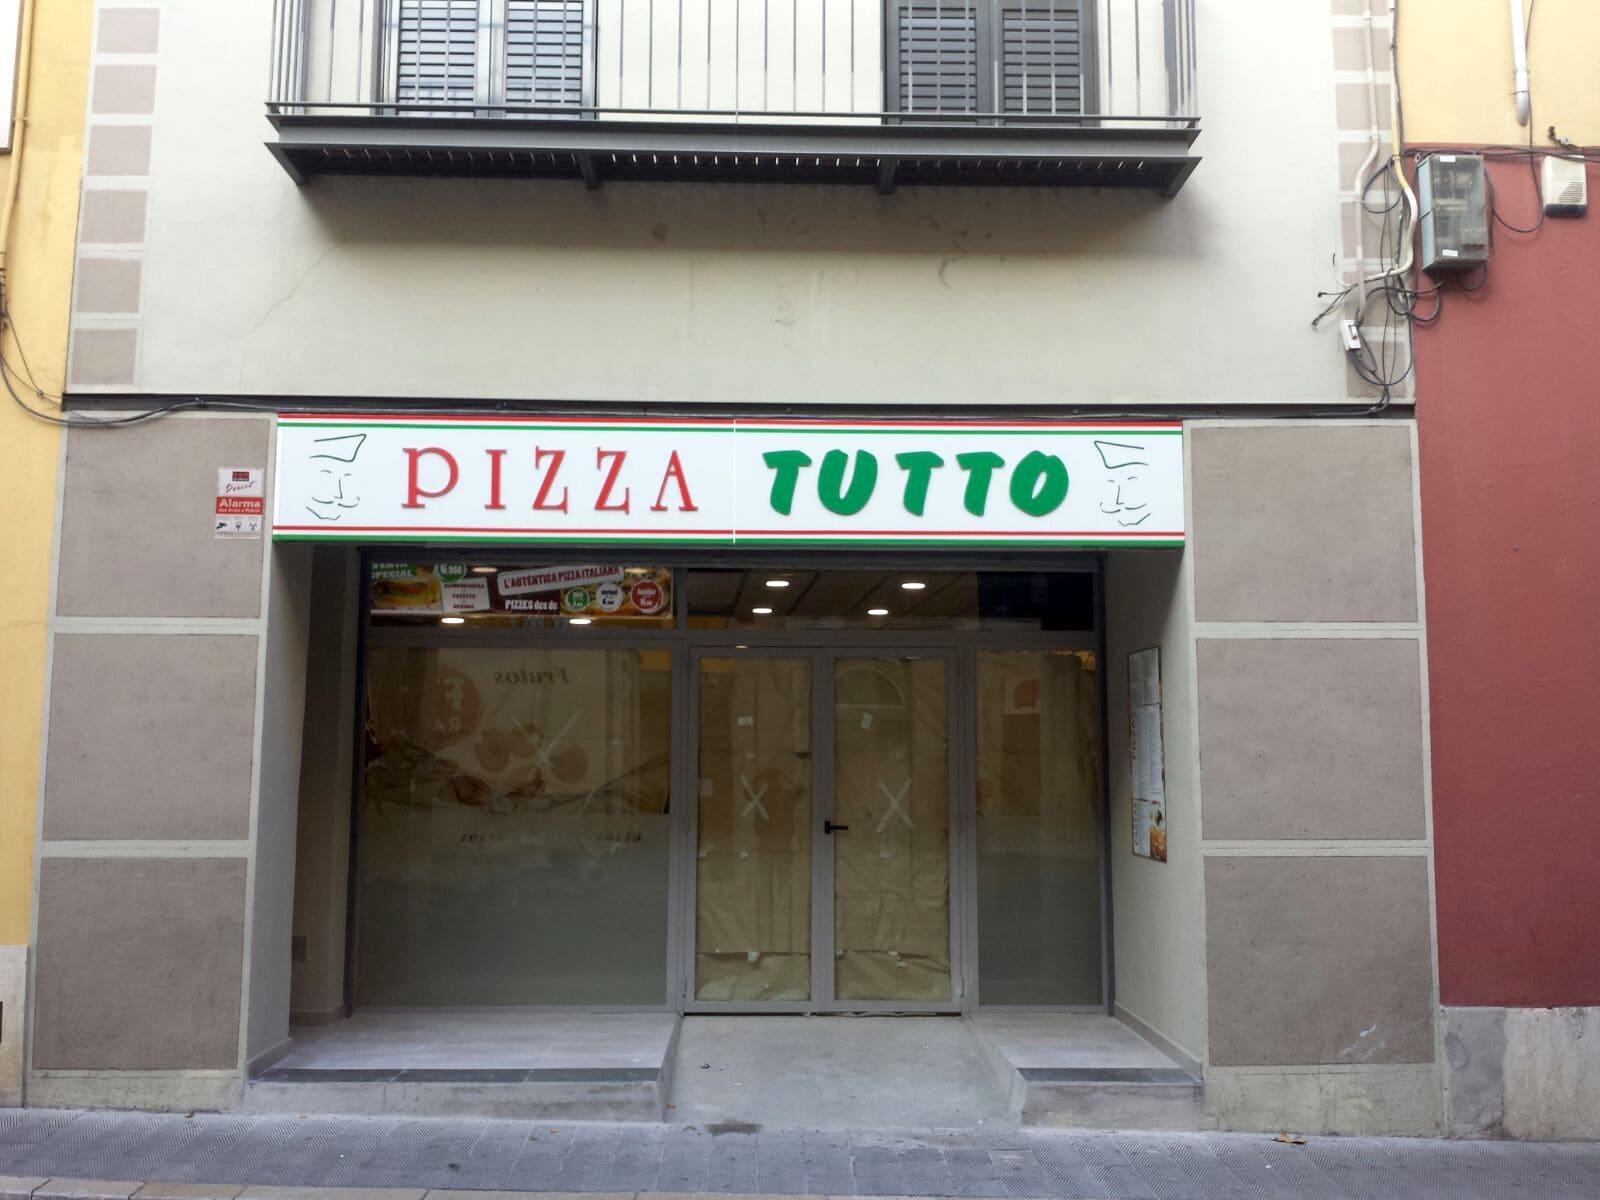 PIZZATUTTO - PIZZATUTTO